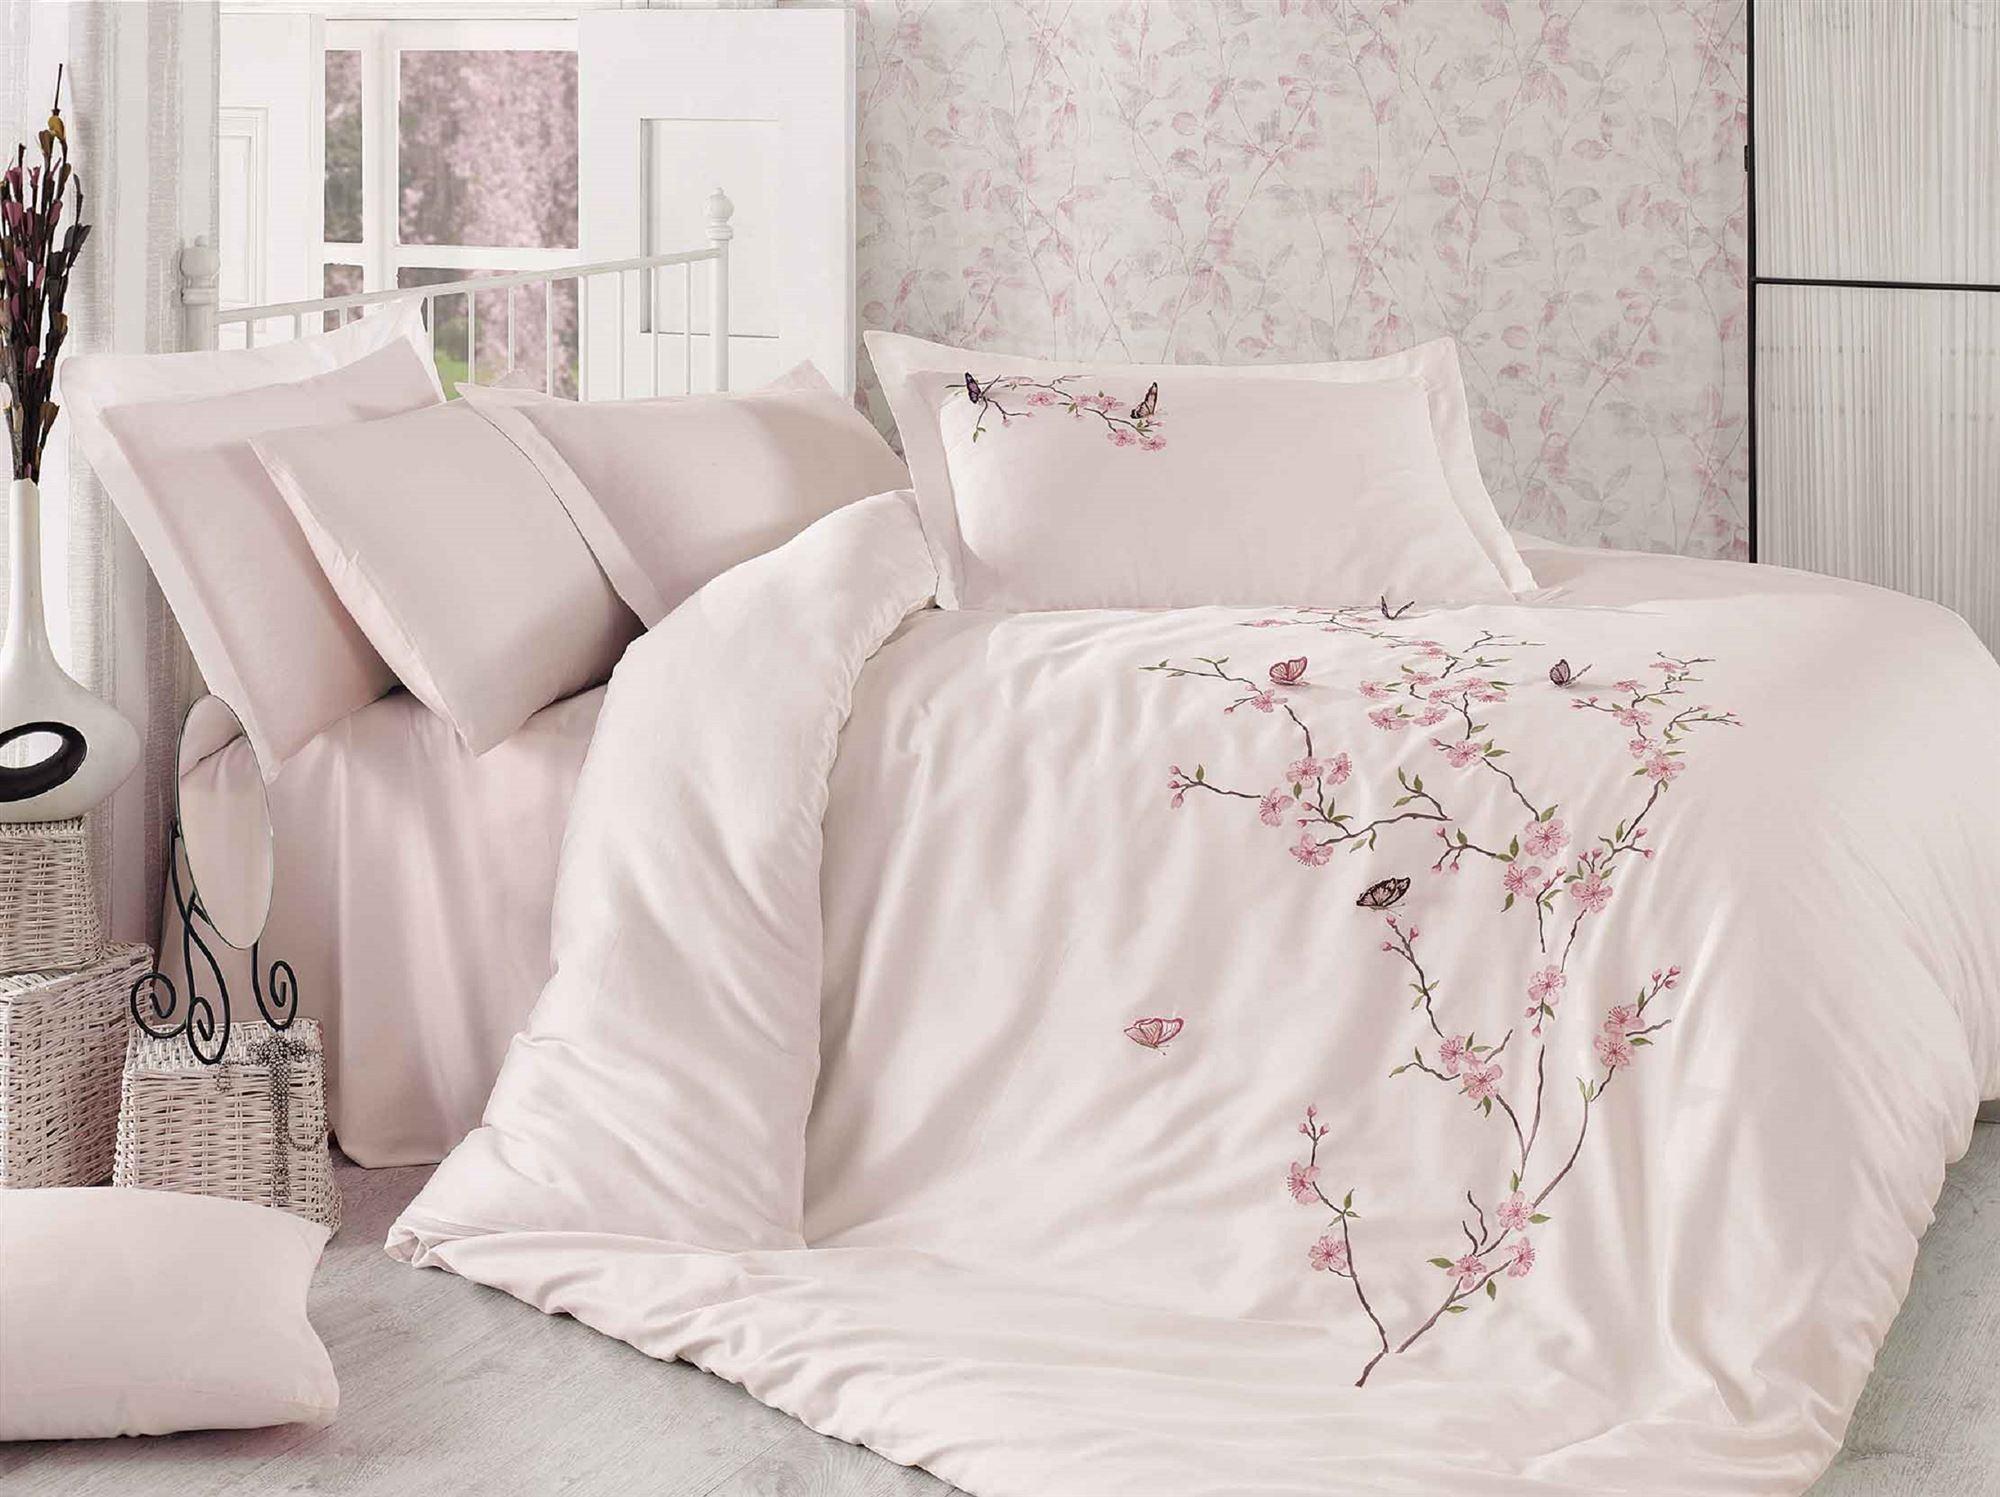 Купить Комплекты постельного белья Dantela Vita, Постельное белье Butterfly Цвет: Пудра (2 сп. евро), Турция, Розовый, Хлопковый сатин